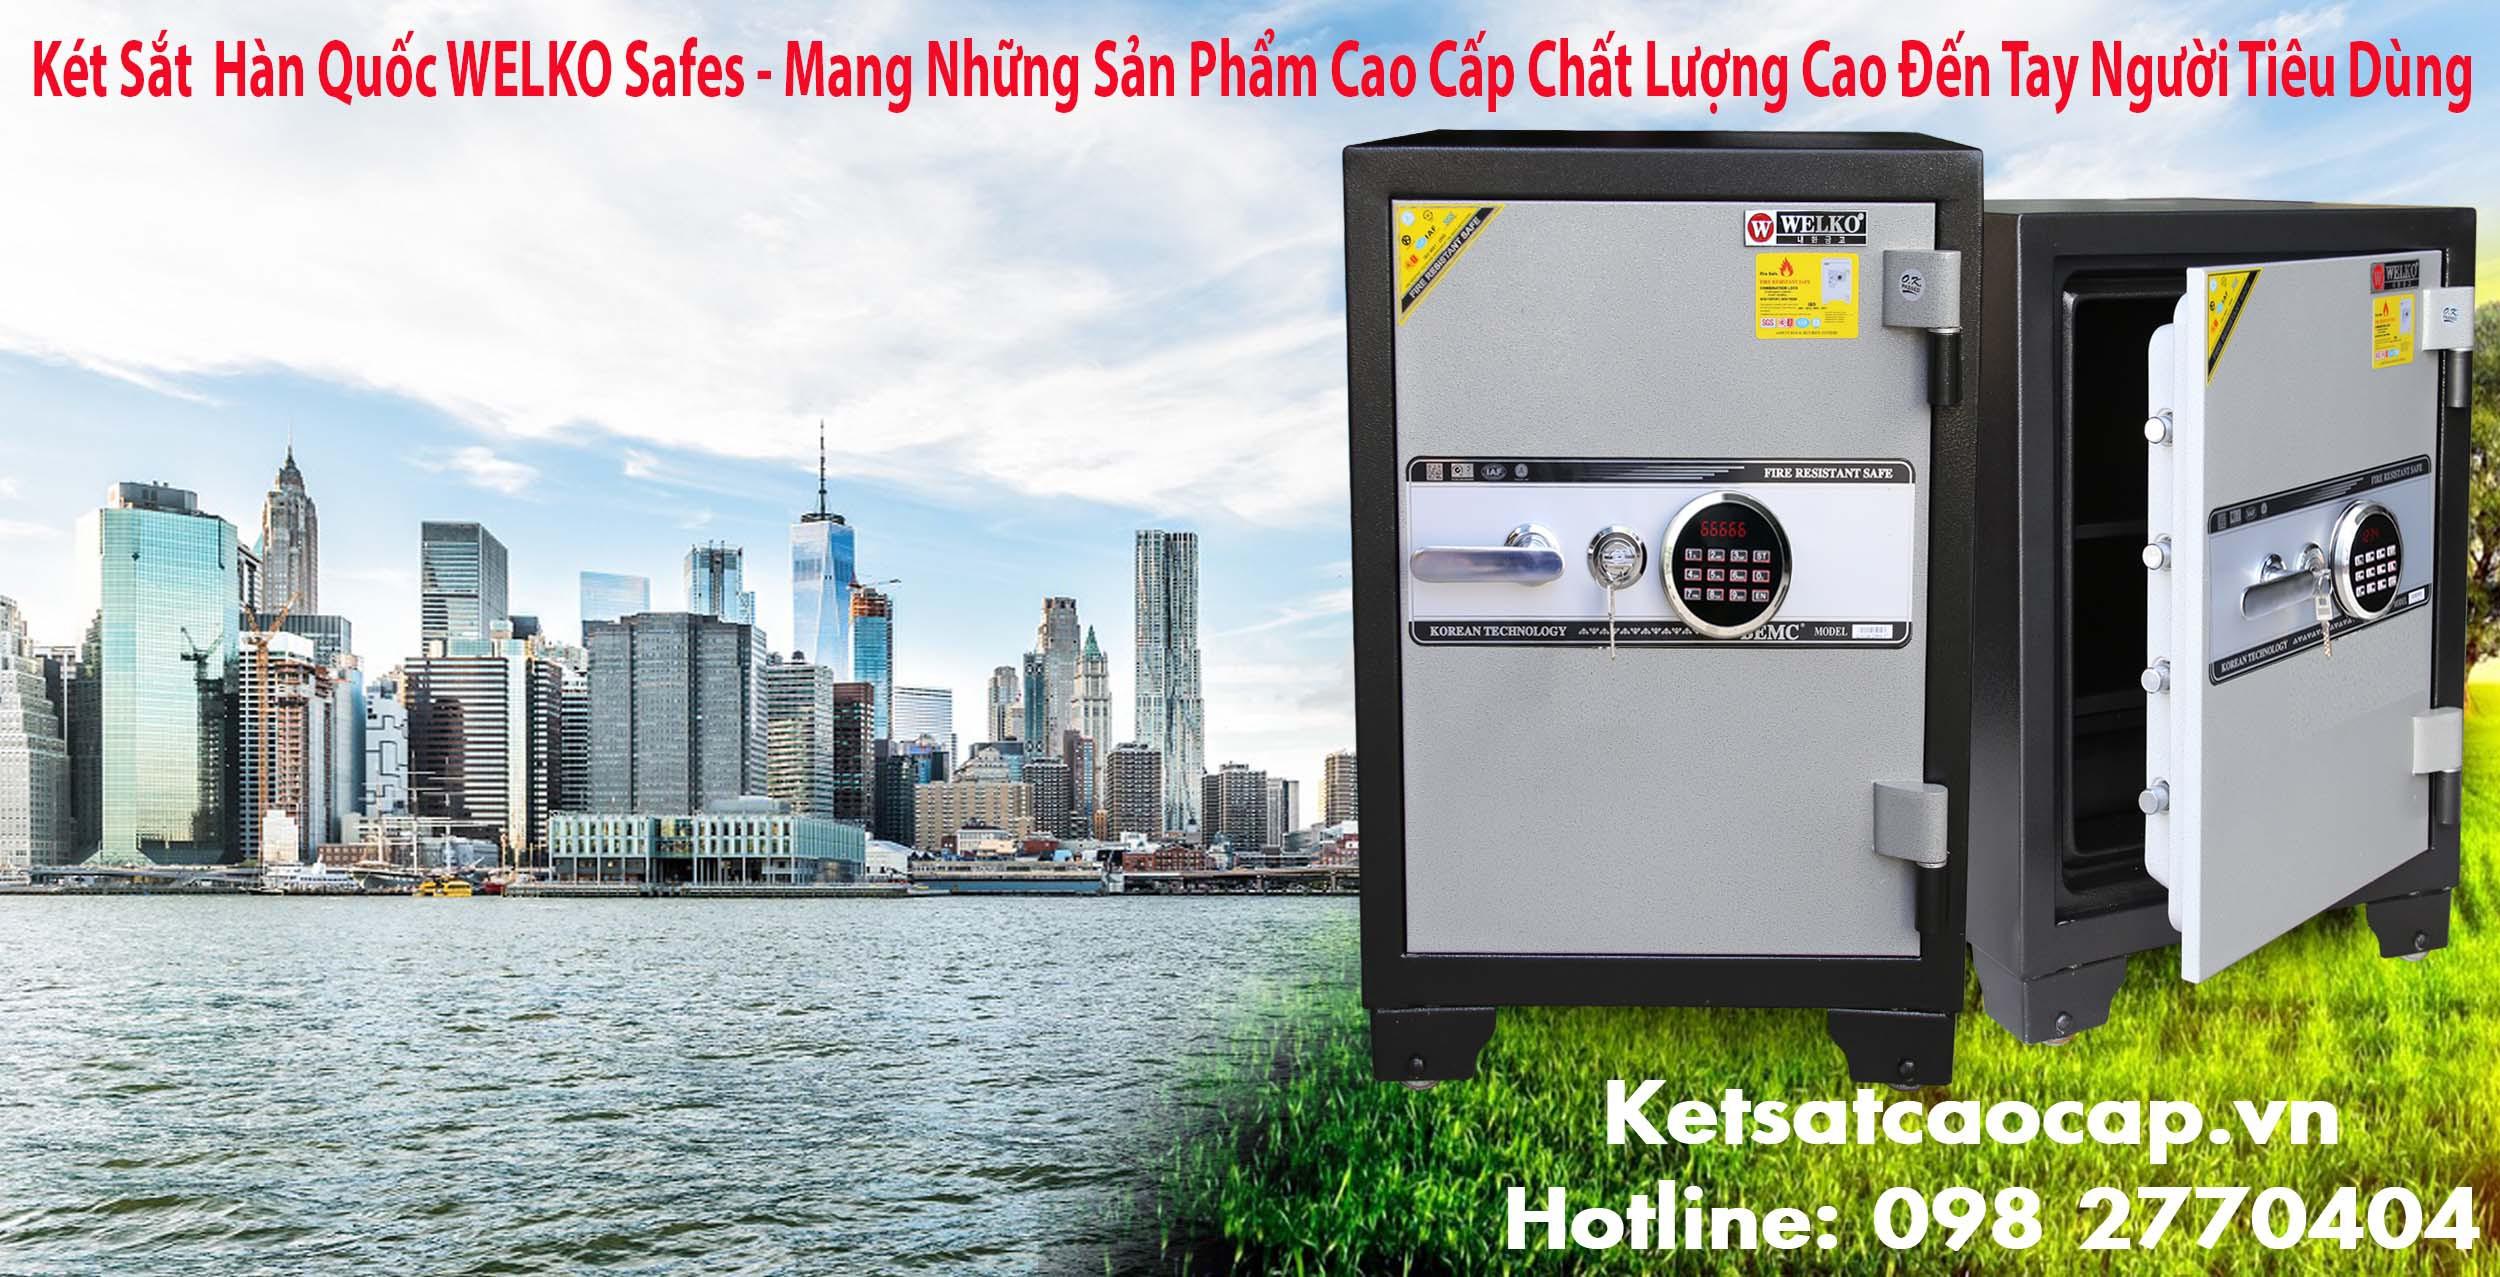 hình ảnh sản phẩm Két sắt chống cháy giá rẻ KCC120 vân tay hà nội